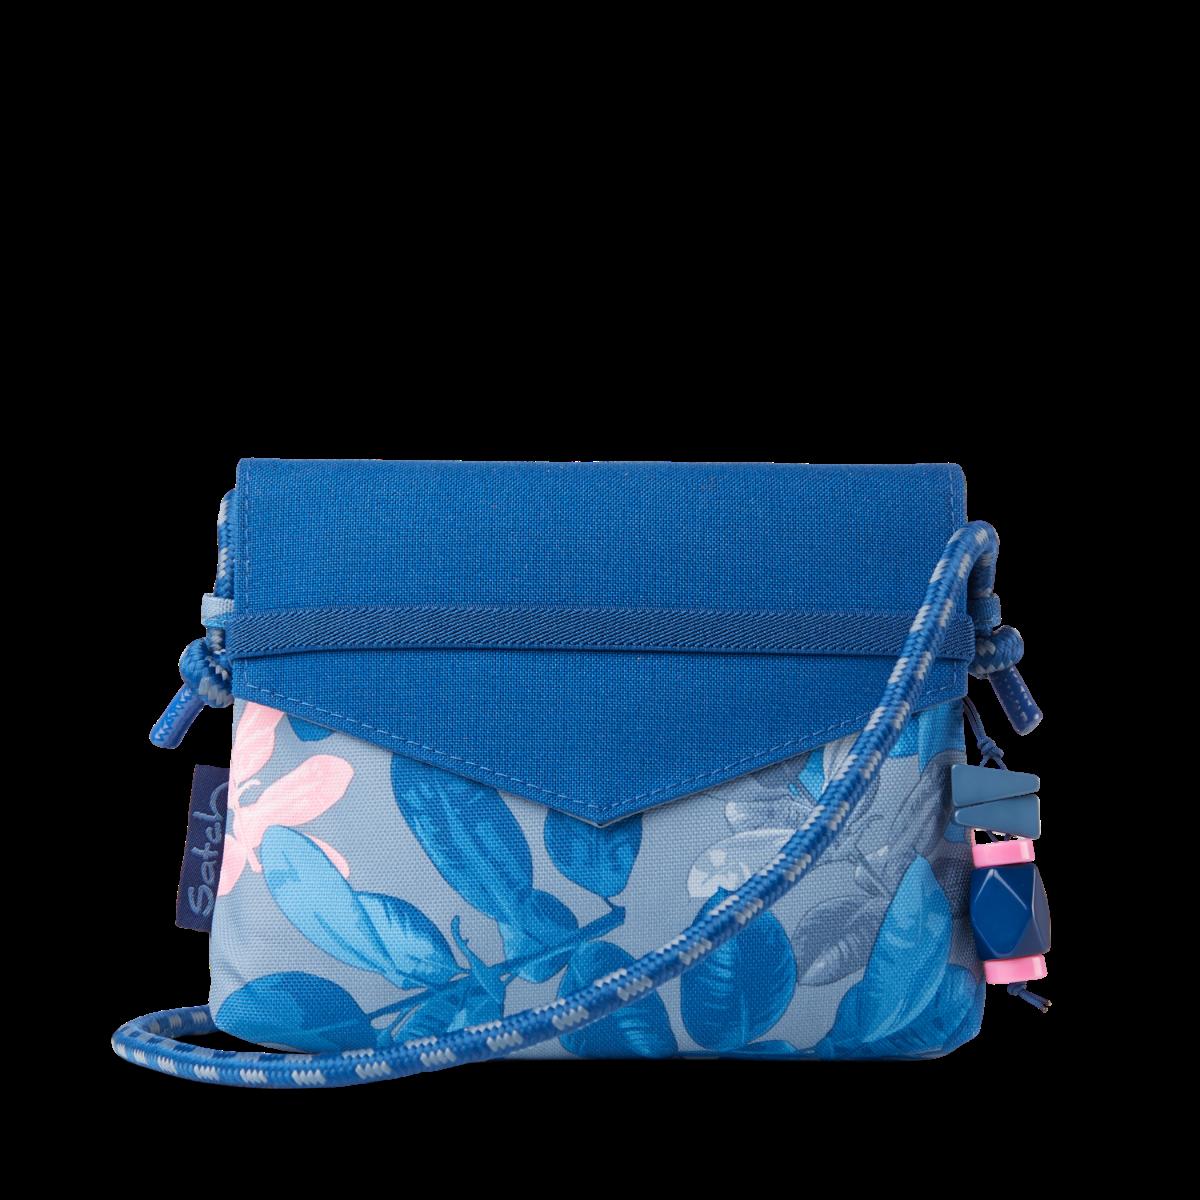 Girlsbag Clutch 0.75 Liter - Summer Soul